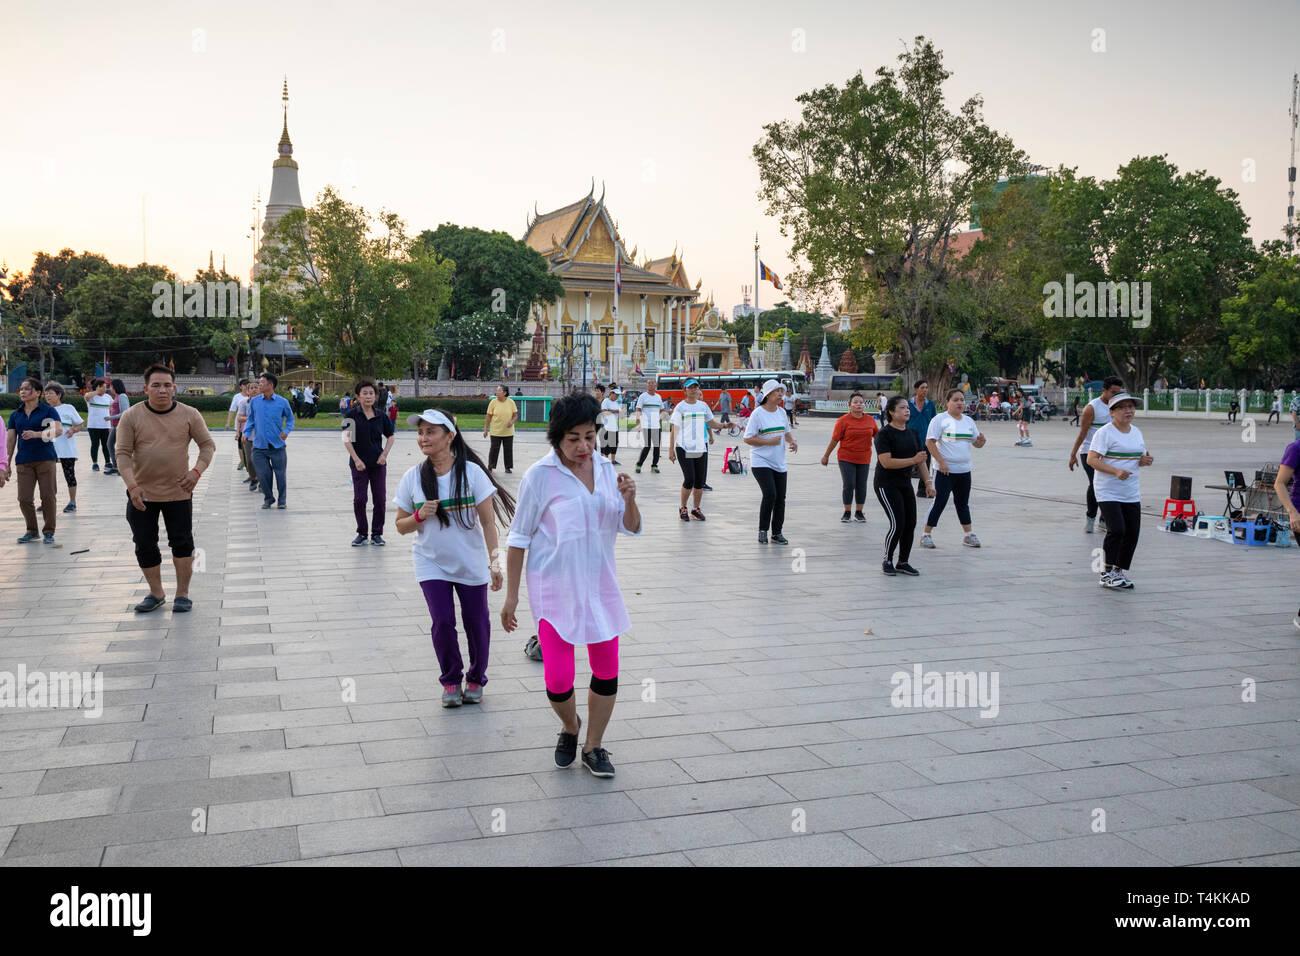 Die Einheimischen tun Aerobic bei Sonnenuntergang im Wat Botum Park, Phnom Penh, Kambodscha, Südostasien, Asien Stockbild